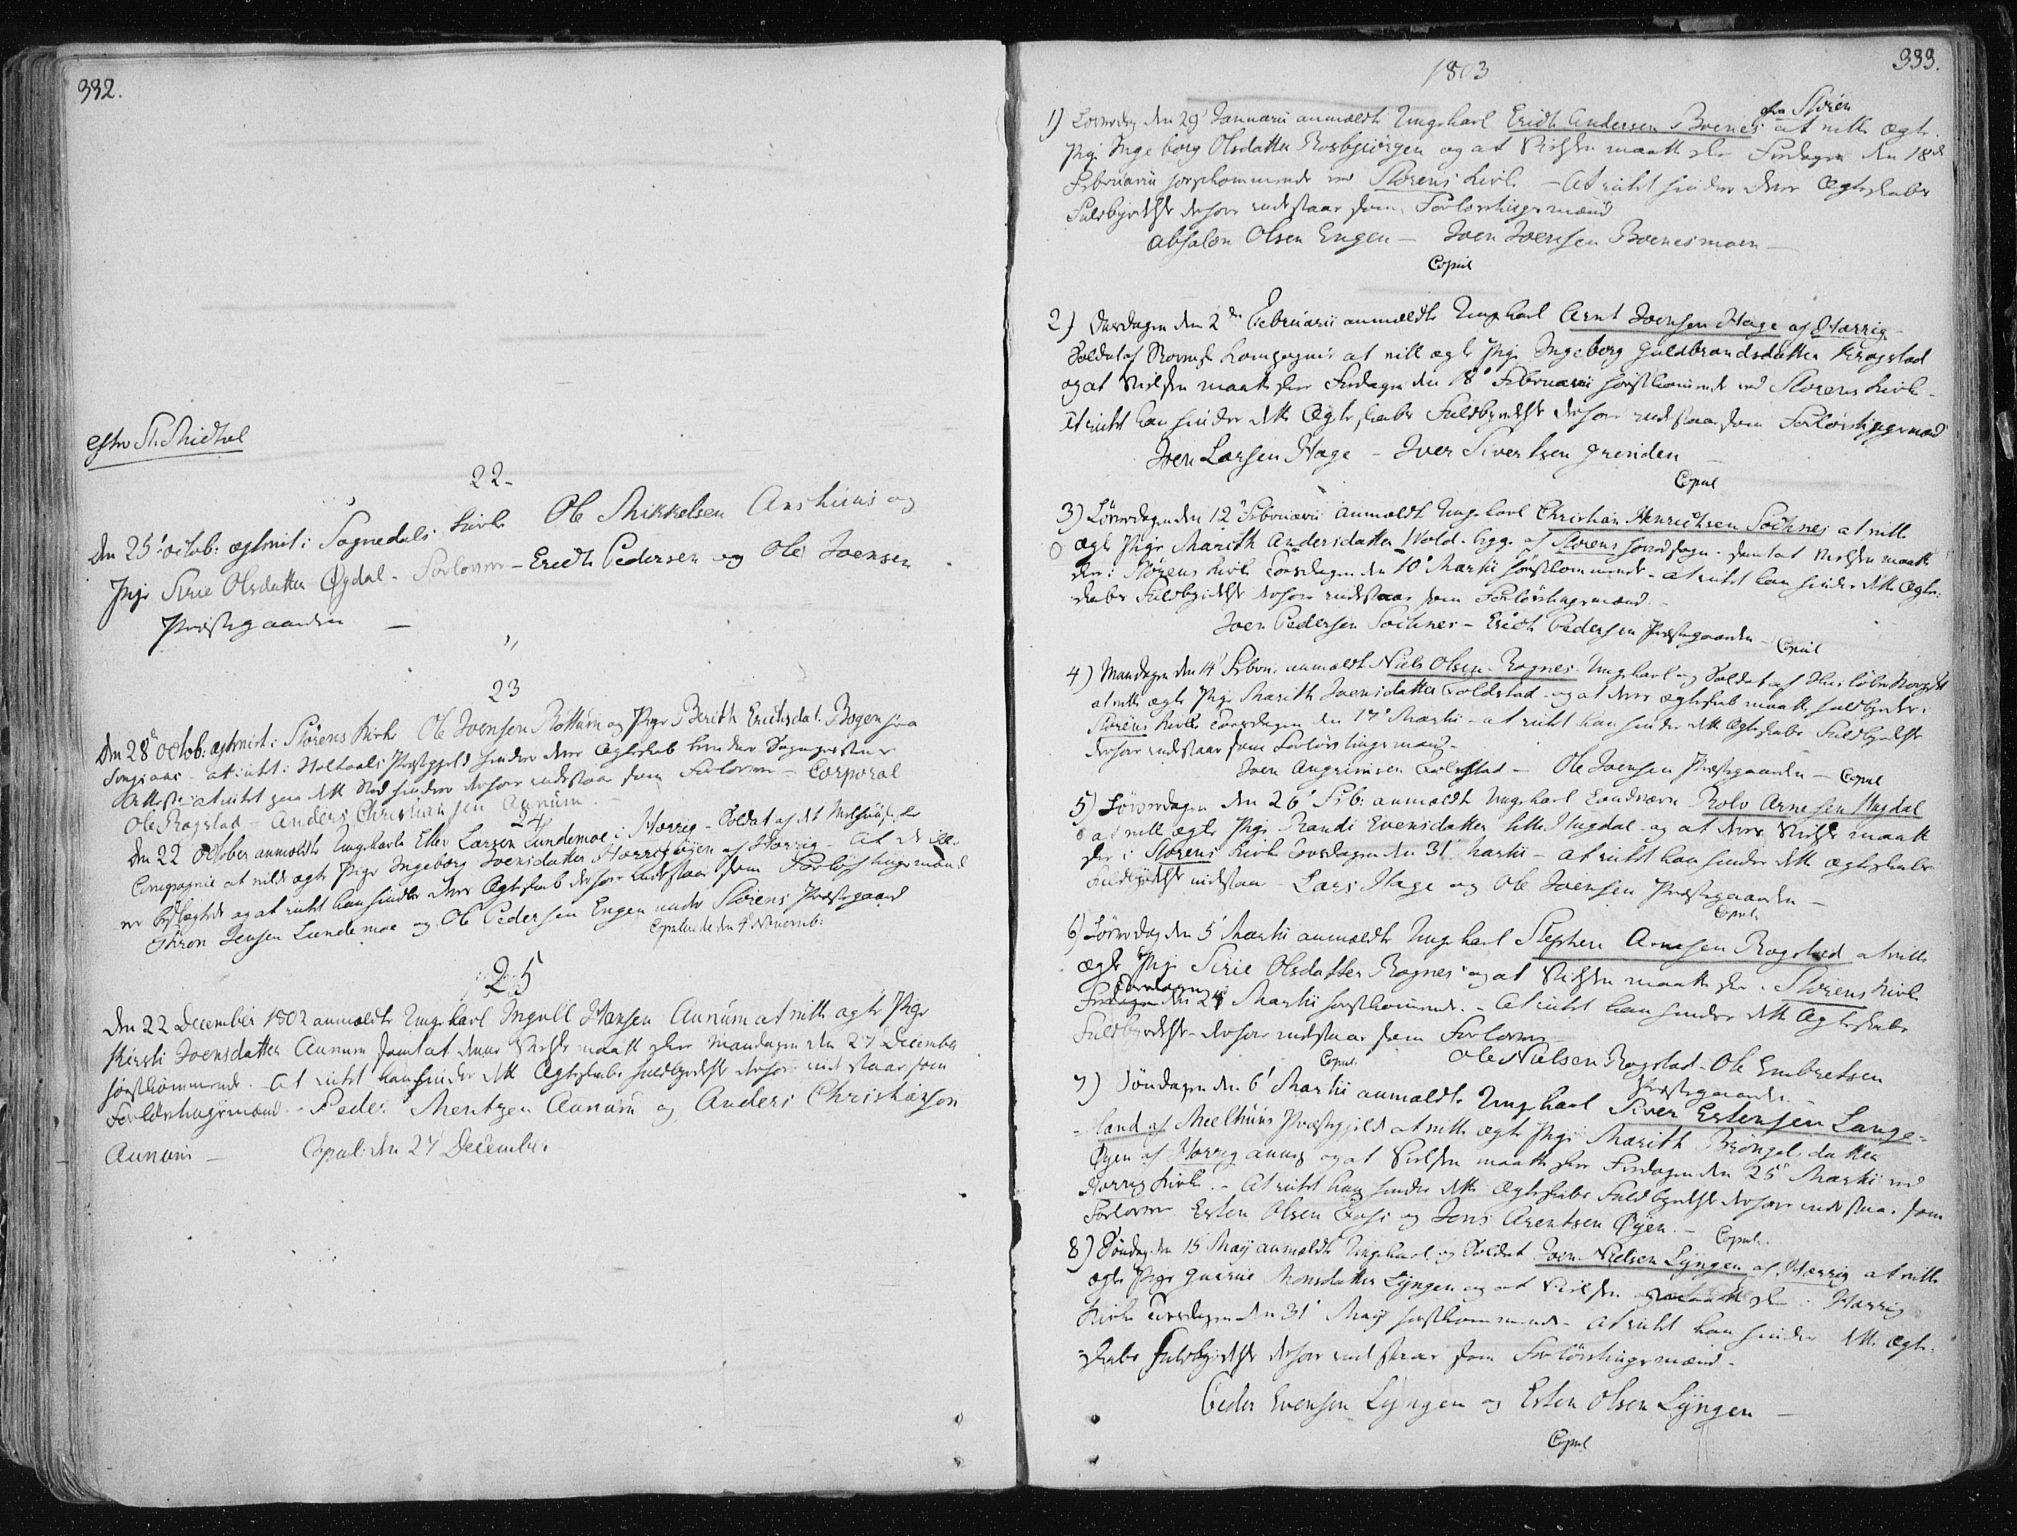 SAT, Ministerialprotokoller, klokkerbøker og fødselsregistre - Sør-Trøndelag, 687/L0992: Ministerialbok nr. 687A03 /1, 1788-1815, s. 332-333